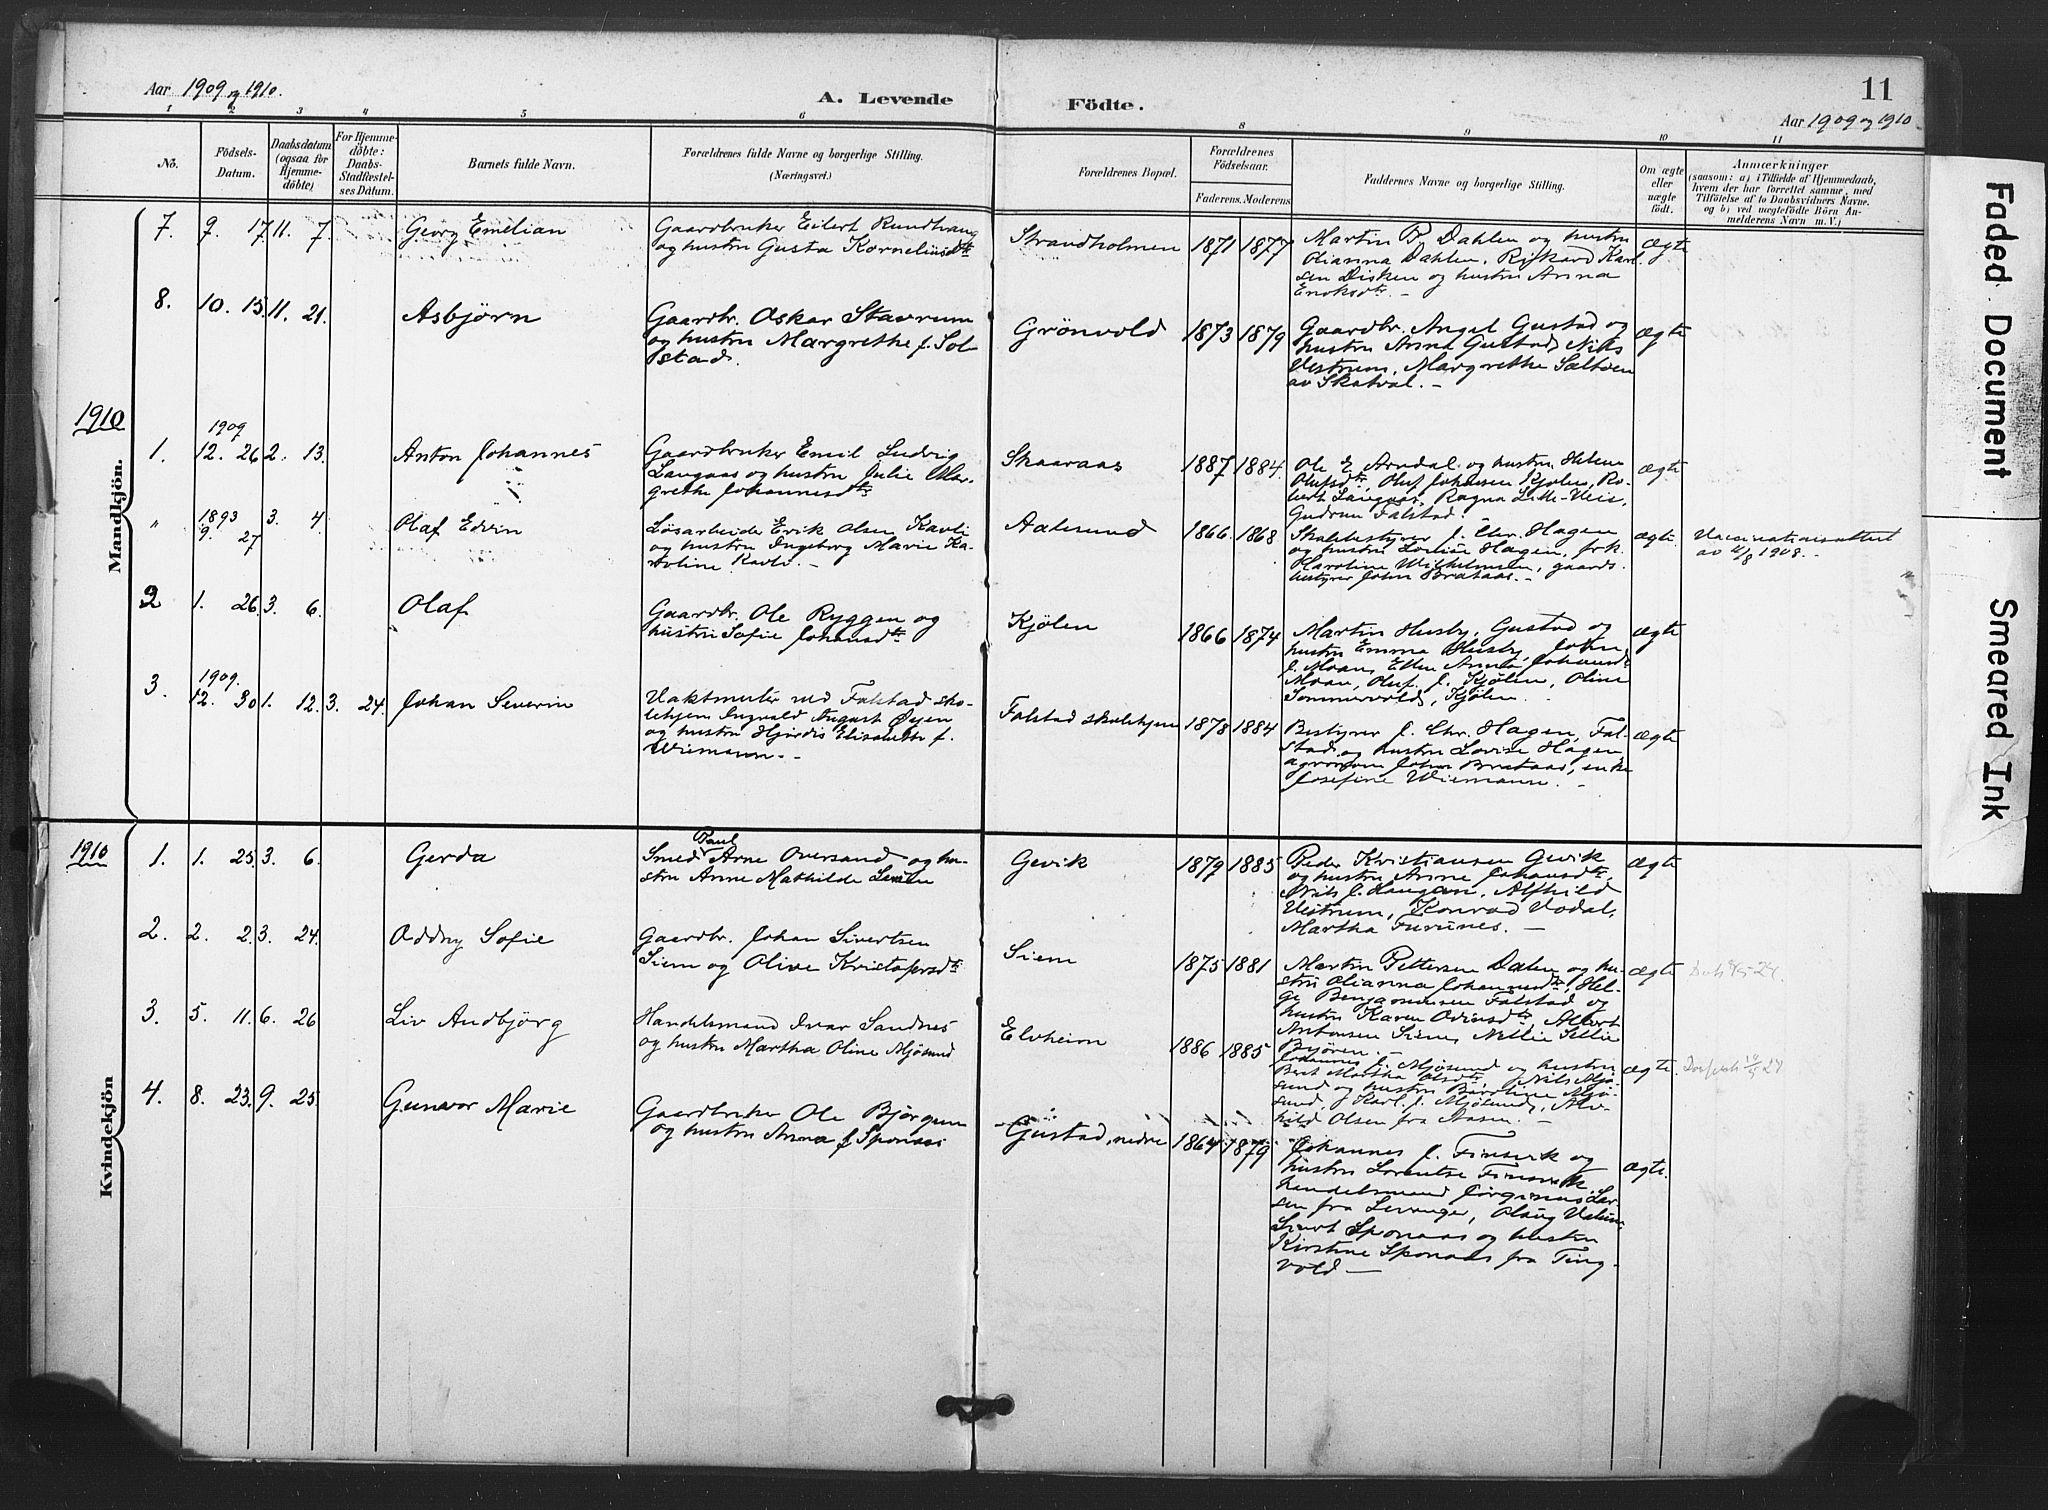 SAT, Ministerialprotokoller, klokkerbøker og fødselsregistre - Nord-Trøndelag, 719/L0179: Ministerialbok nr. 719A02, 1901-1923, s. 11